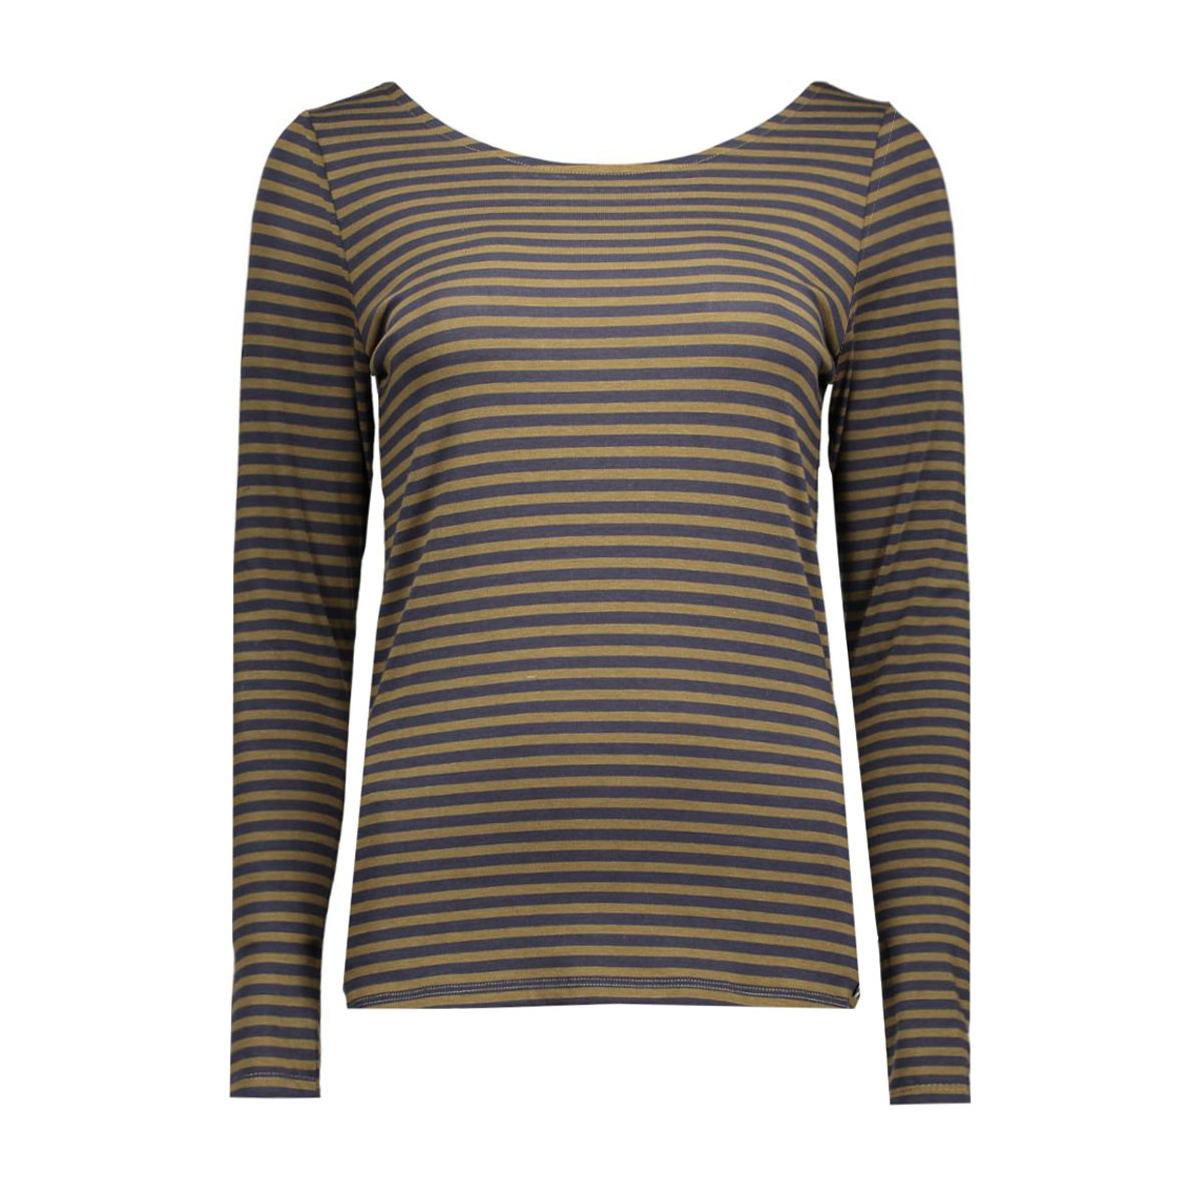 t60206 garcia t-shirt 1746 beech